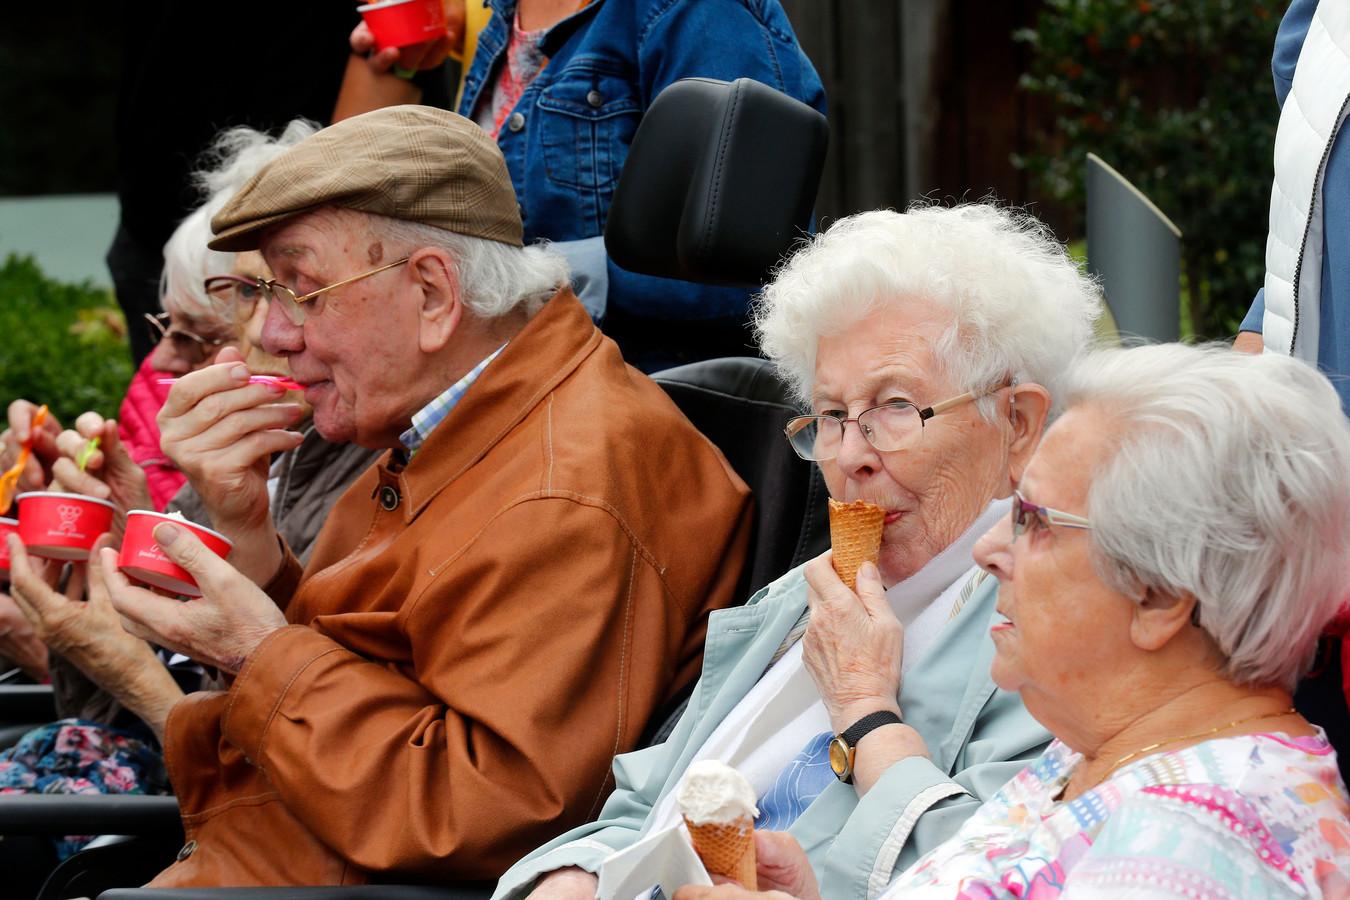 De ouderen lieten zich de ijsjes goed smaken.